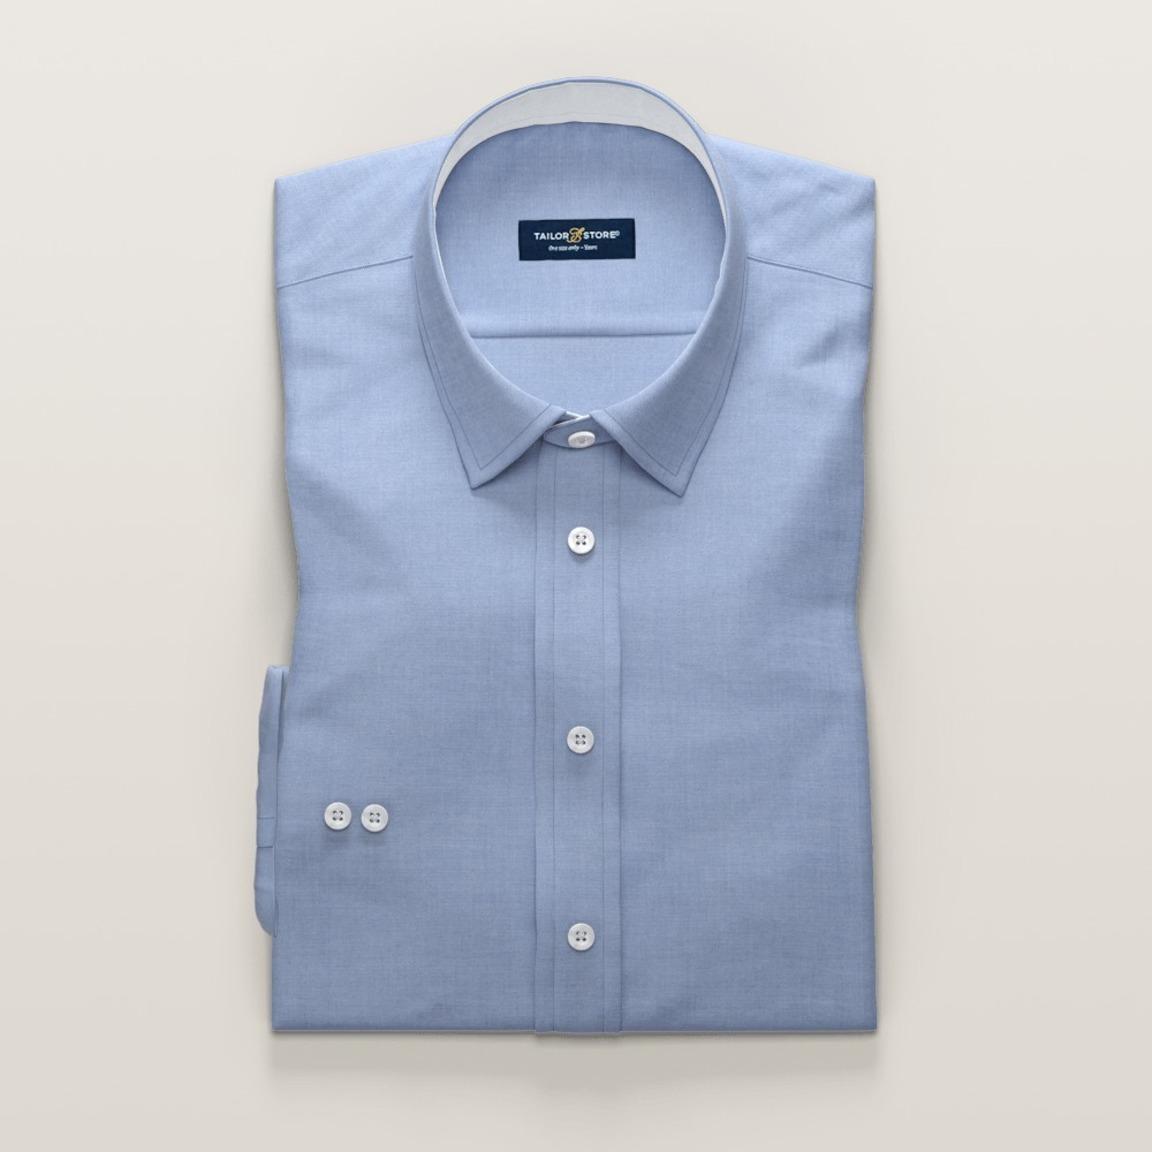 Women's business shirt in blue light dobby weave